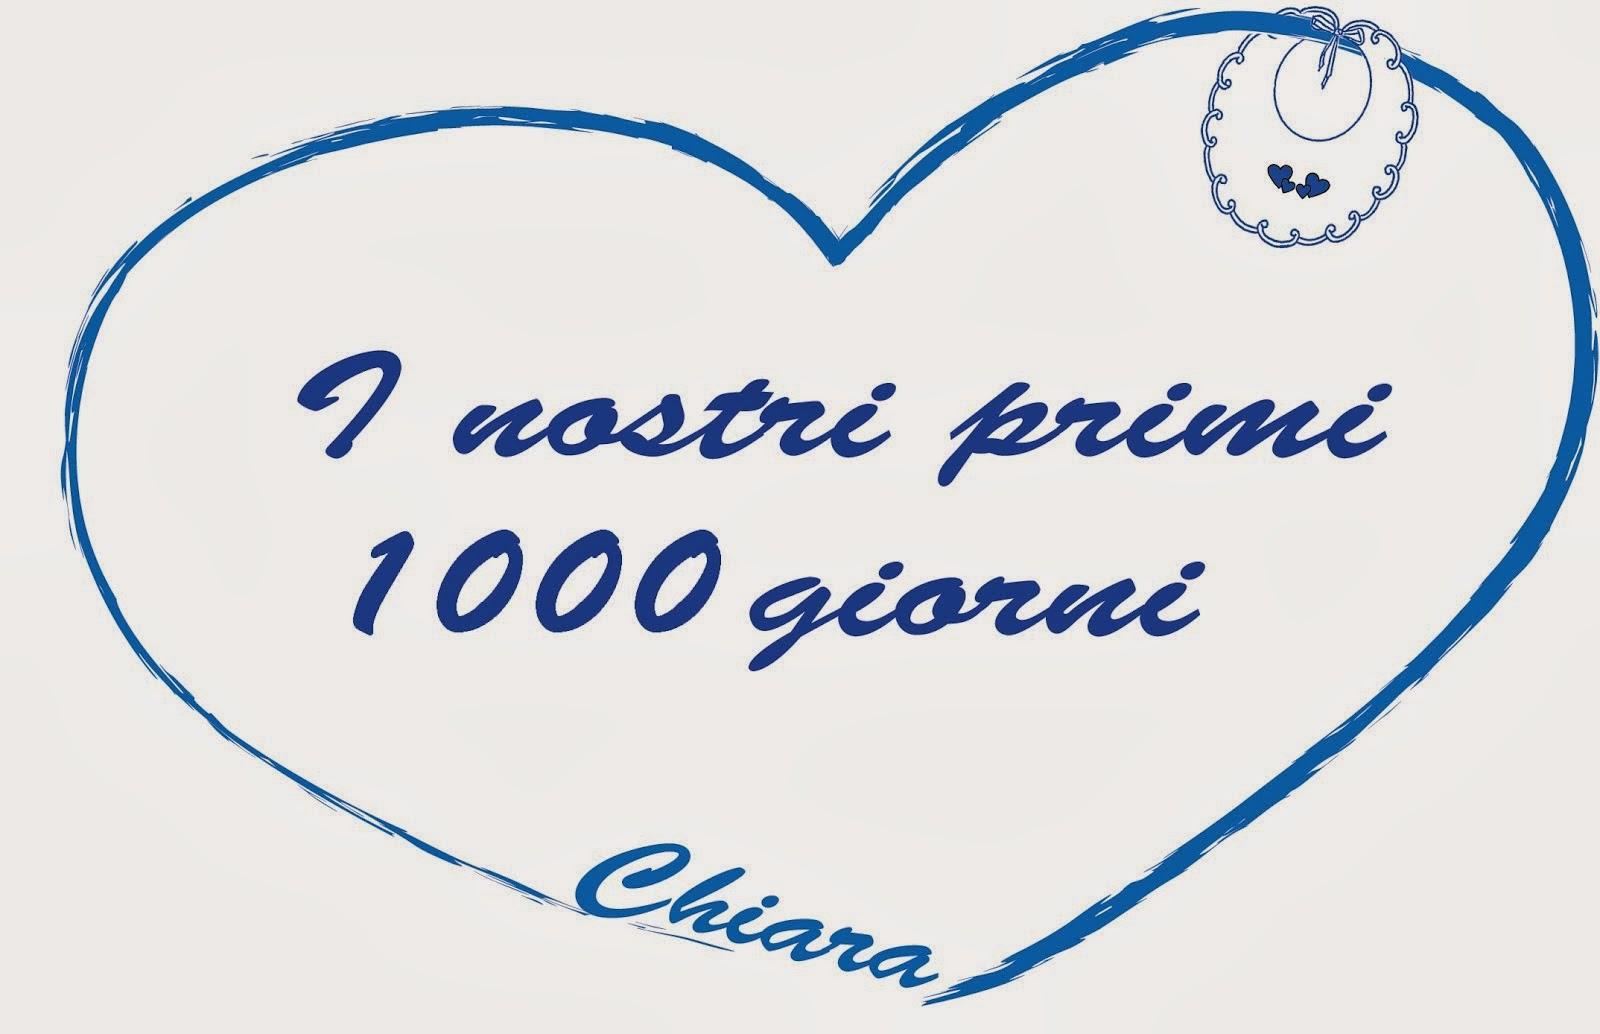 I nostri primi 1000 giorni